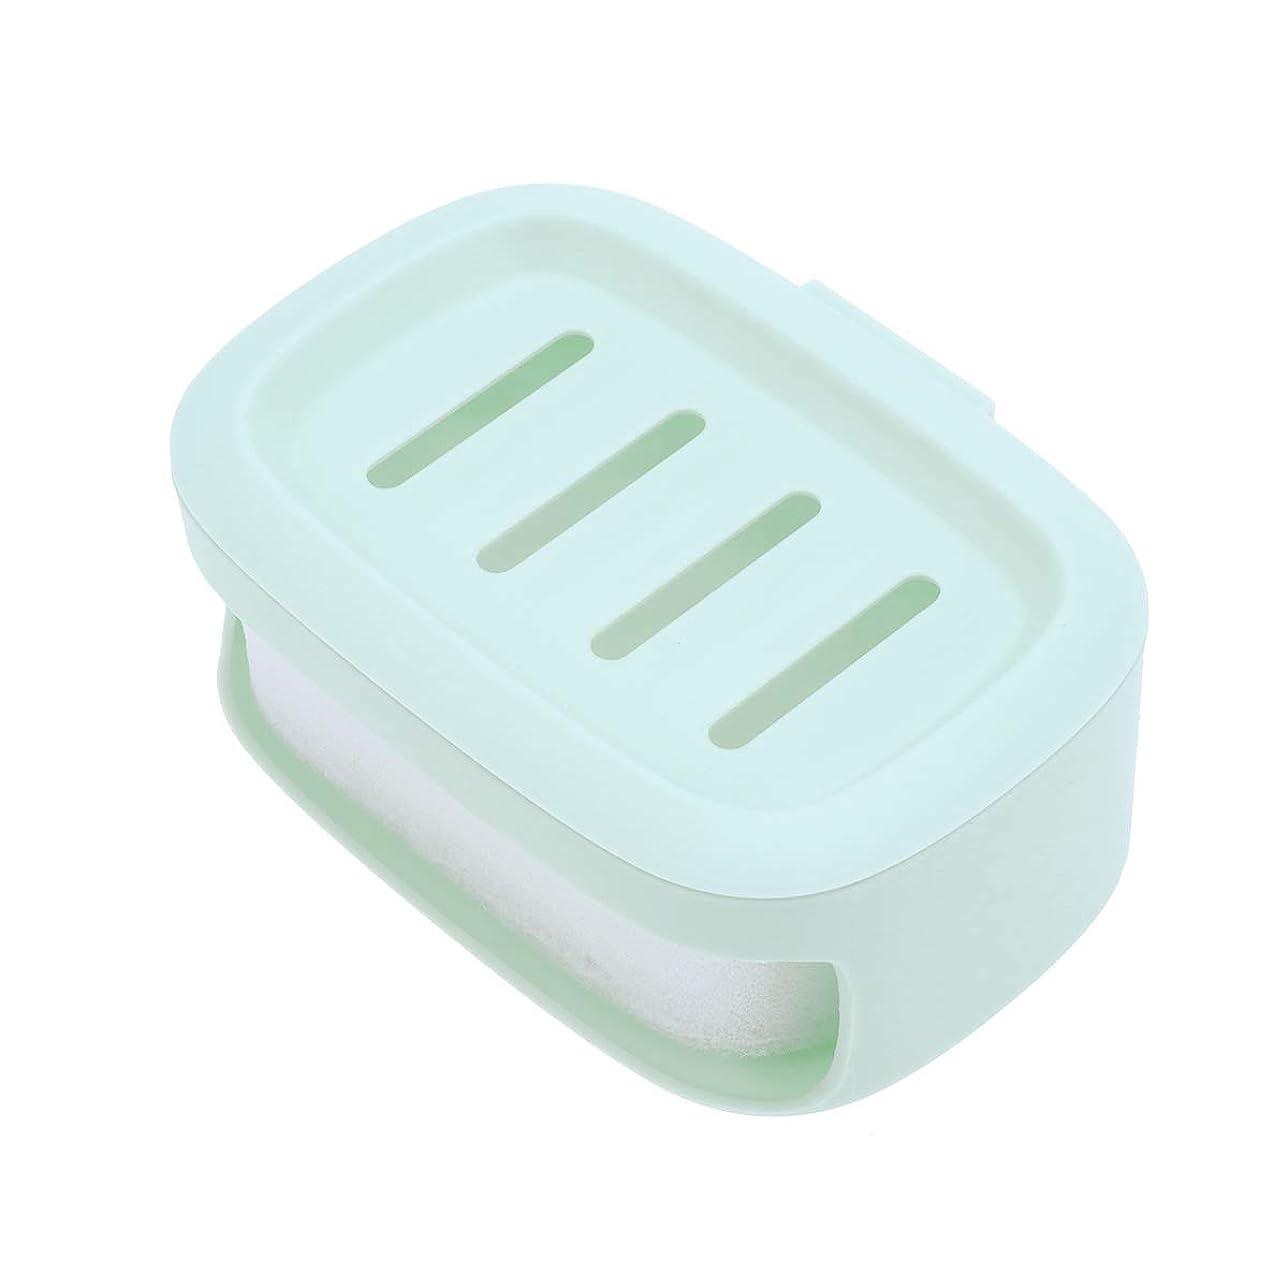 トリップ便利さ失礼HEALIFTY ソープボックス防水ソープコンテナバスルームソープ収納ケースソープホルダー(グリーン)